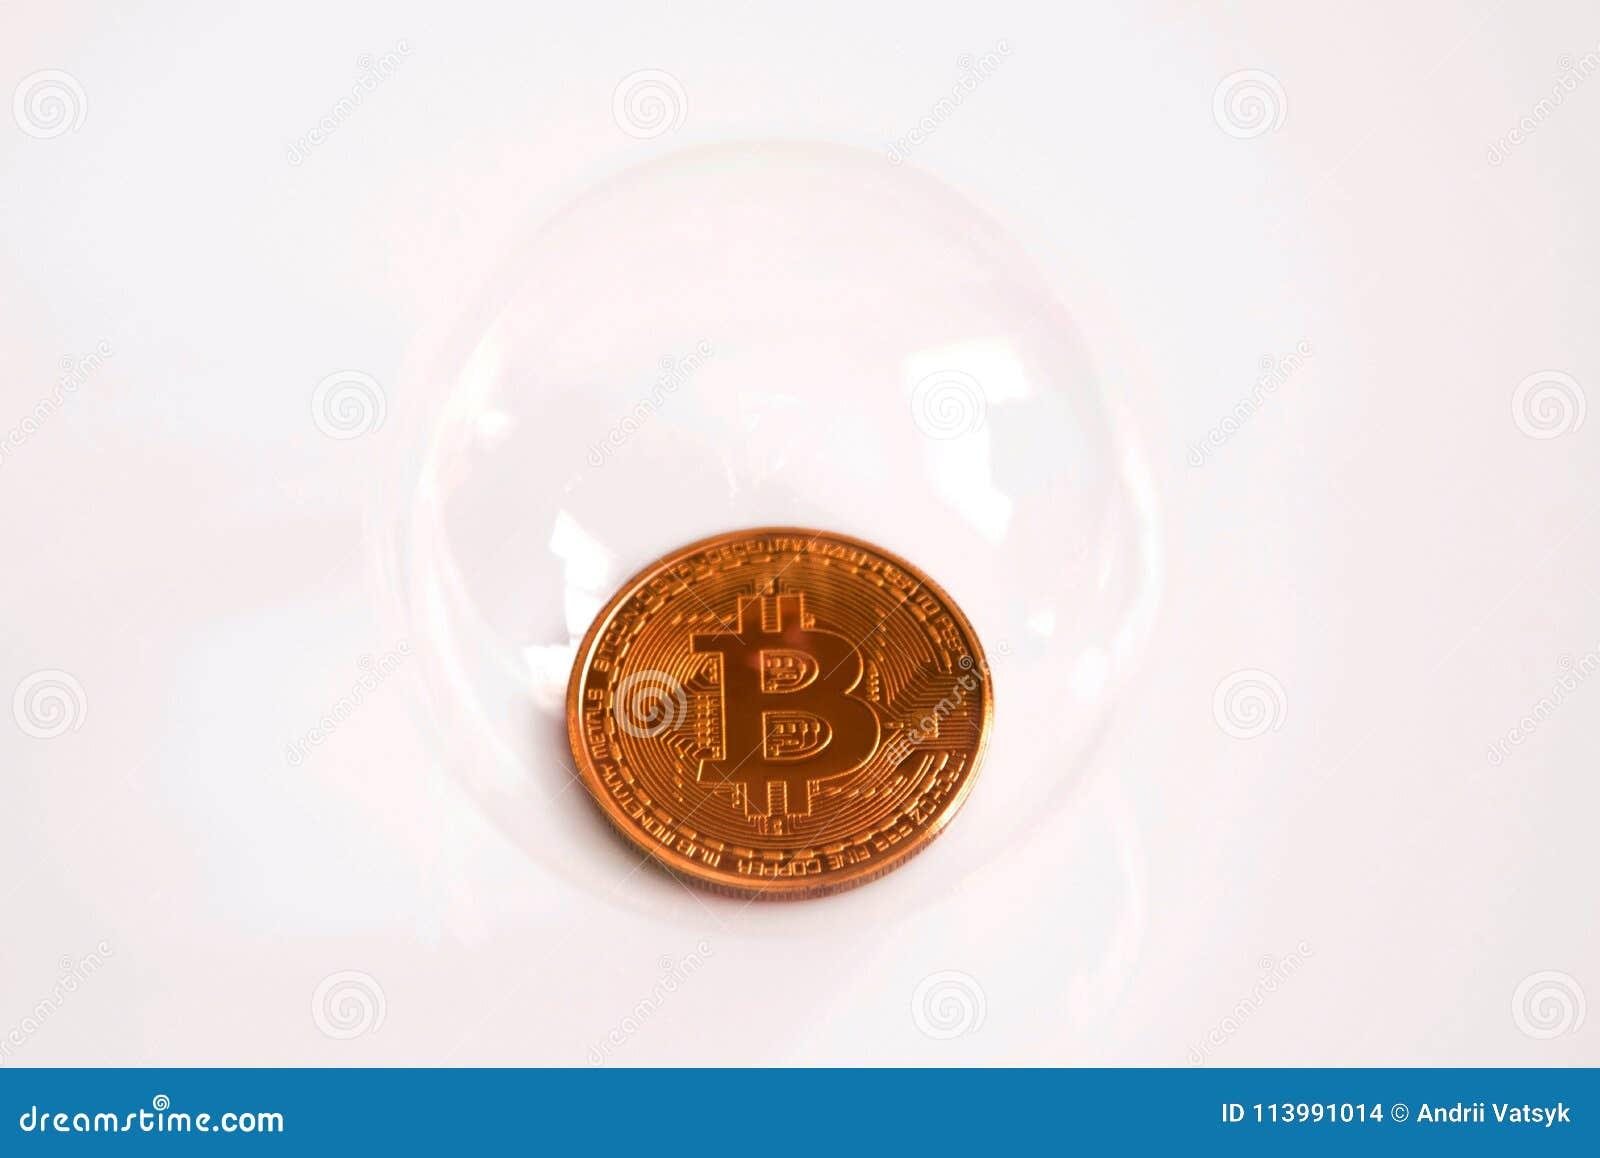 digital coin course